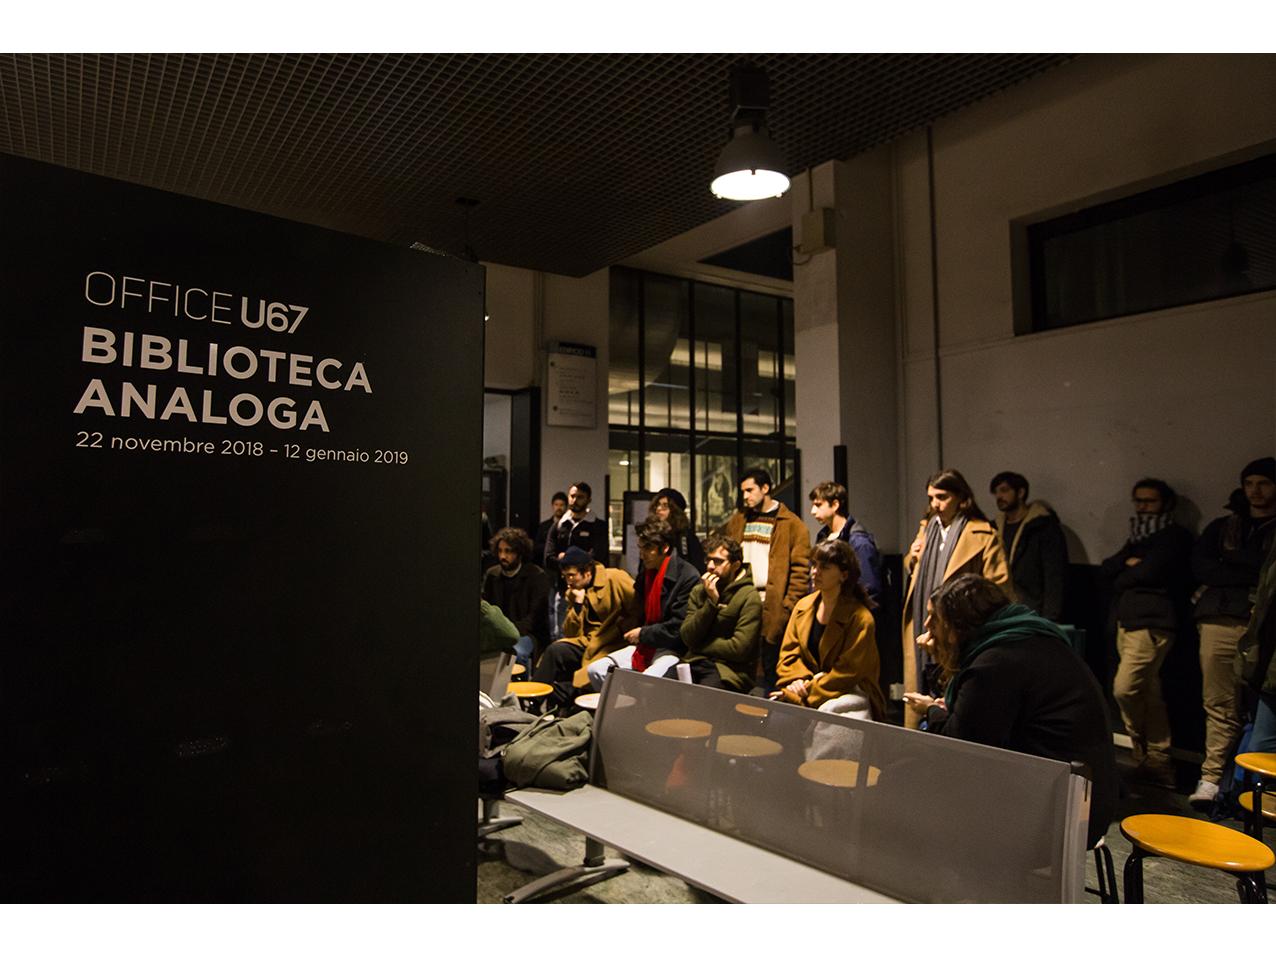 u67_biblioteca-analoga_022